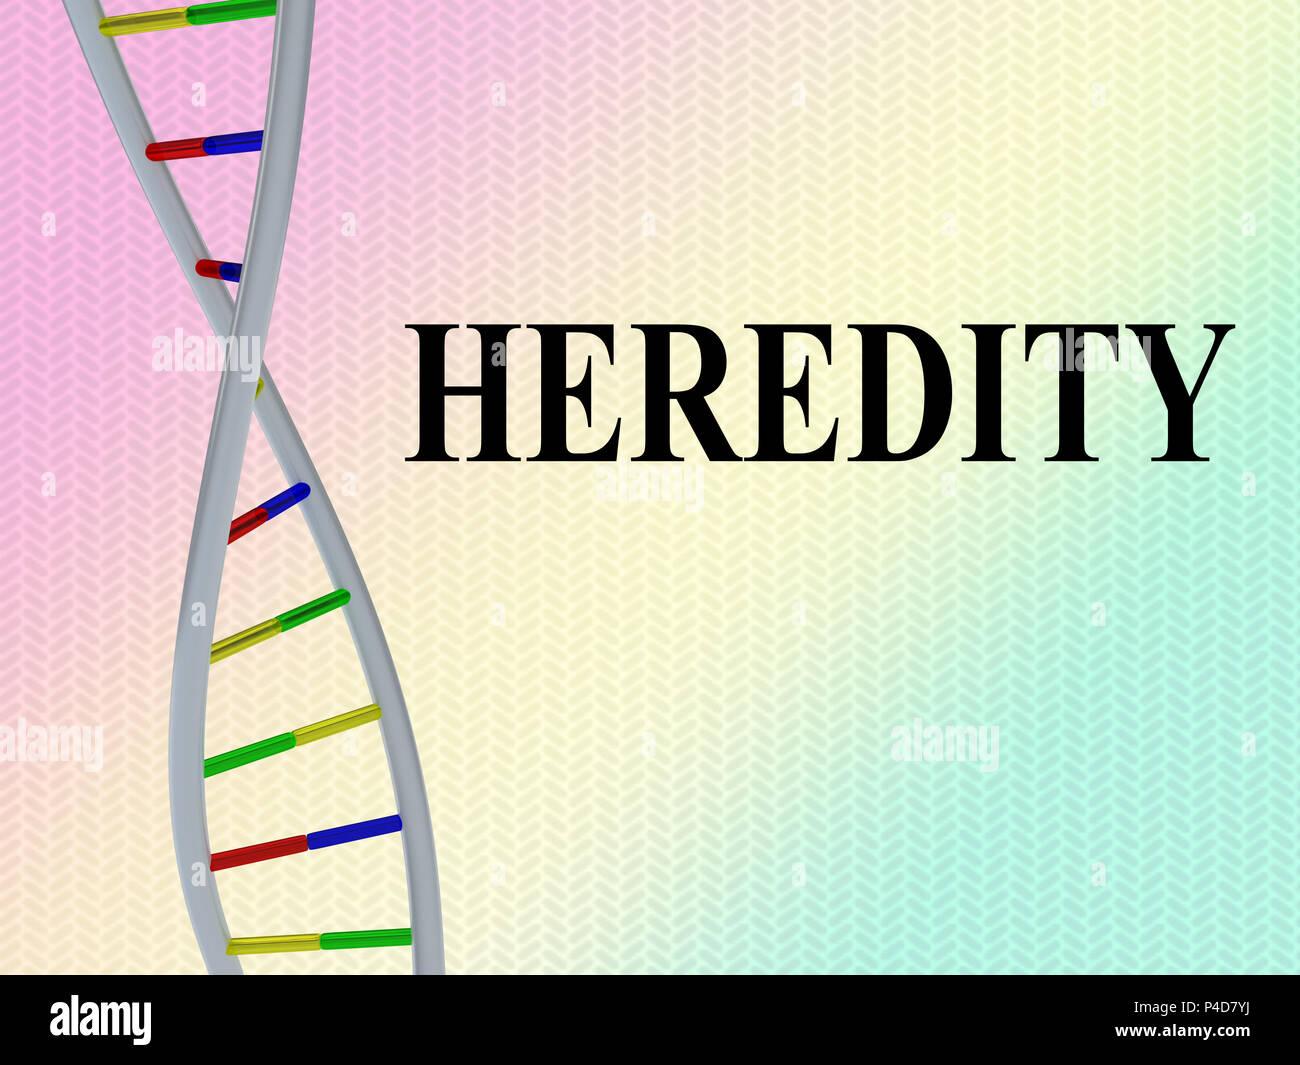 3D'illustrazione dell'eredità script con la doppia elica del DNA , isolate su pattern colorato. Immagini Stock